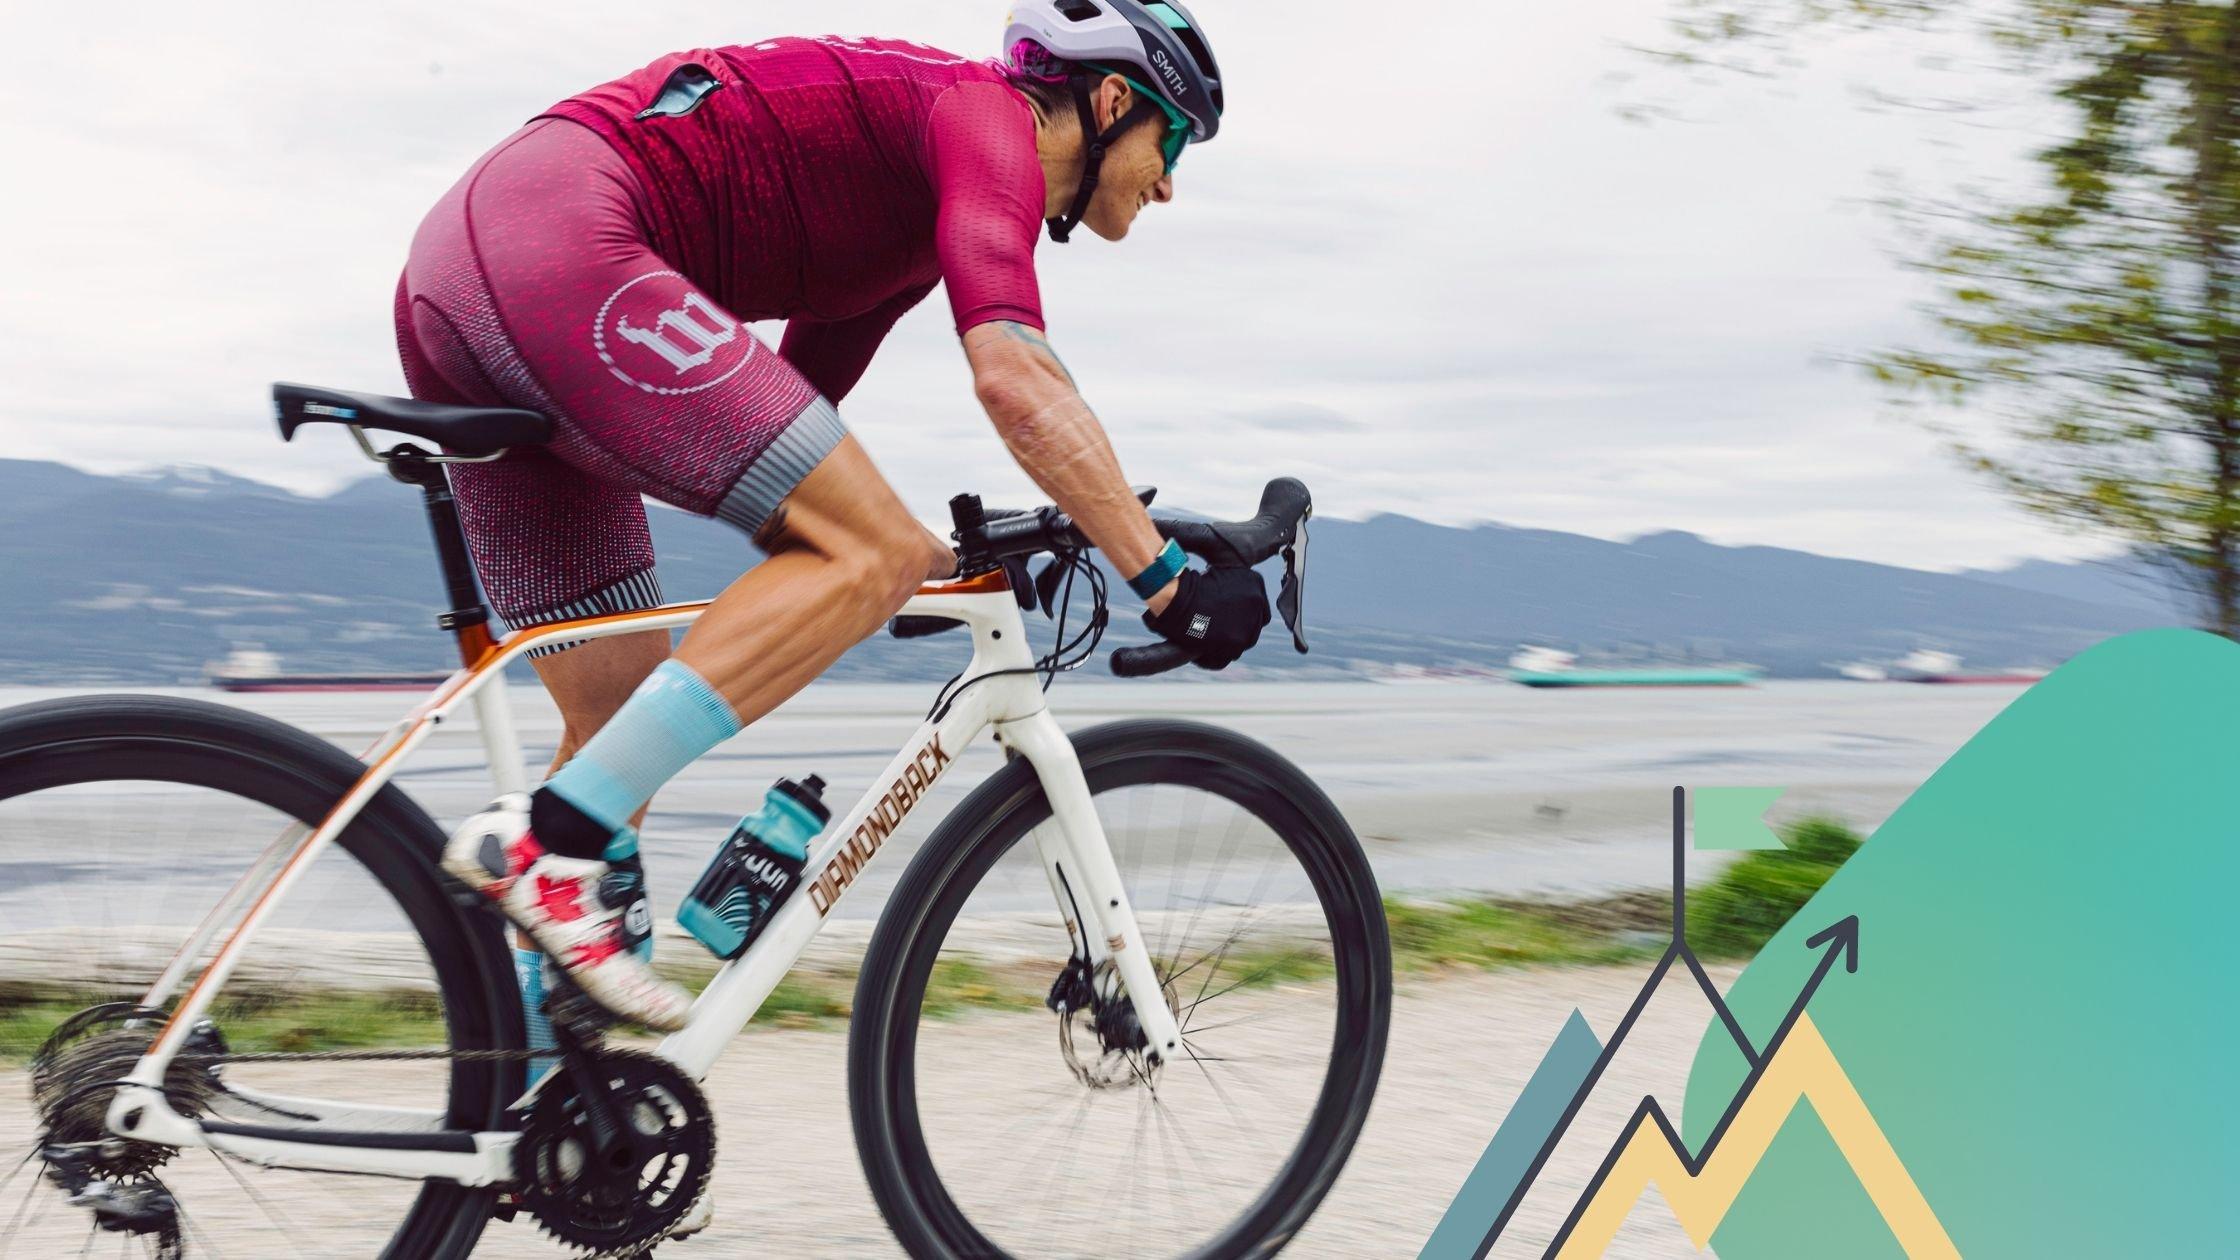 Rachel McBride on her bike